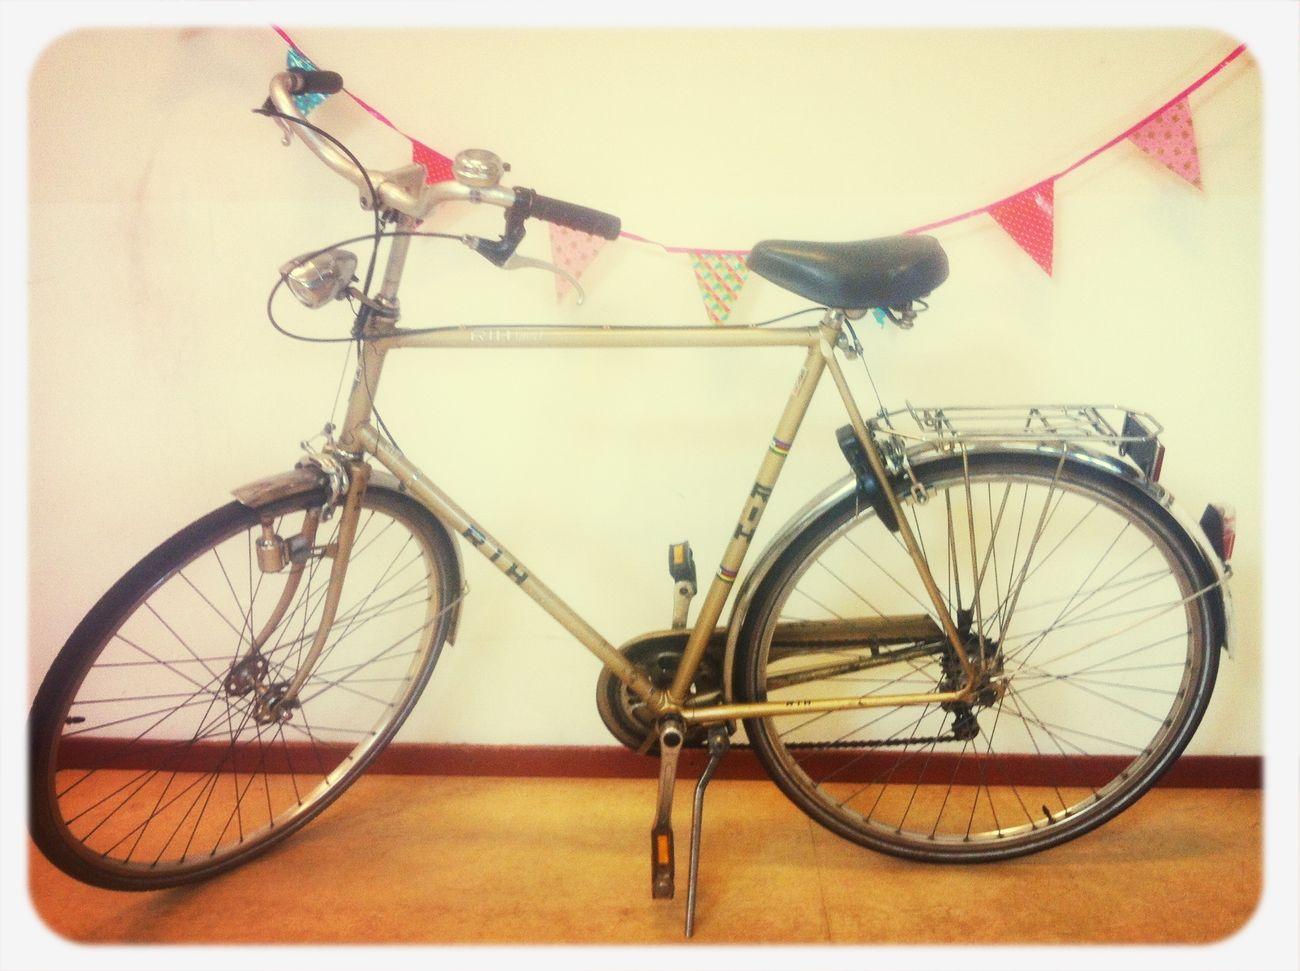 New bike! RIH Vintage Bicycles